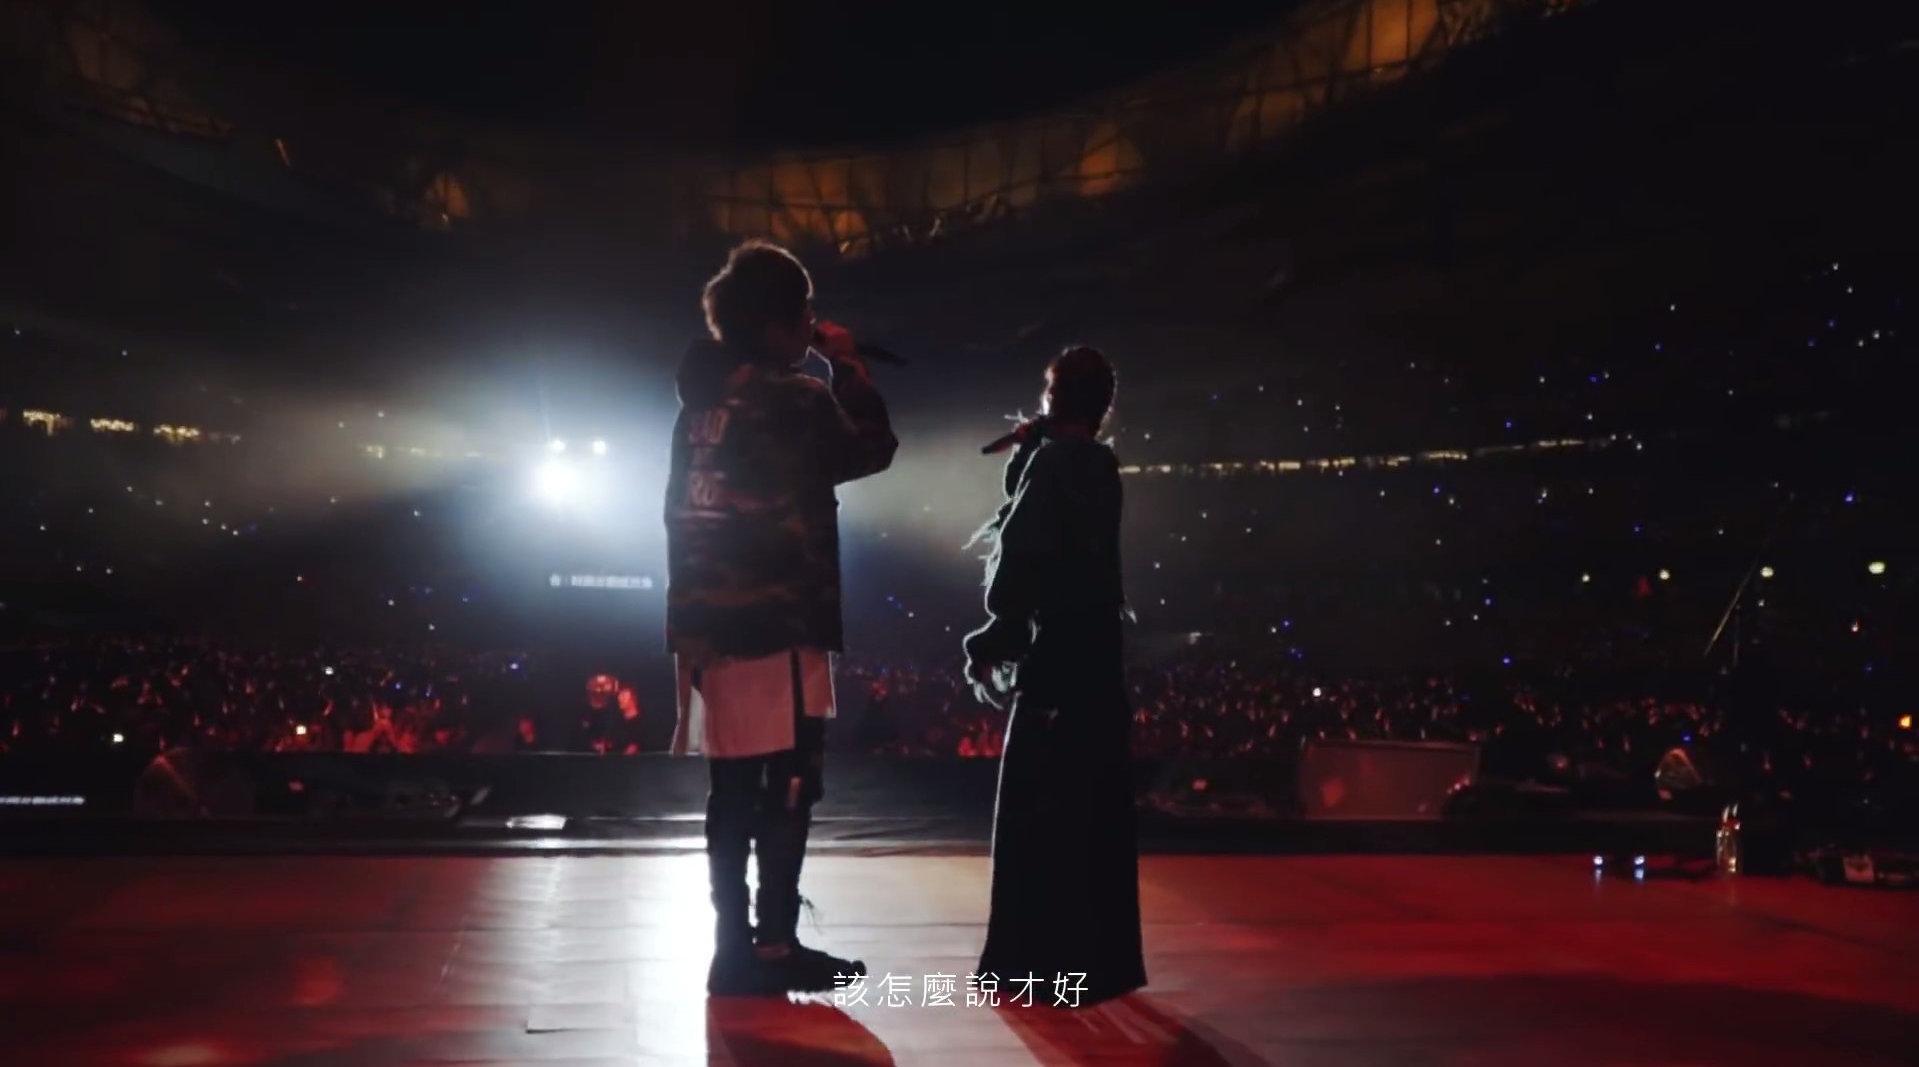 五月天 & 蔡依林《你不是真正的你快乐 + 天空》Live 2018在五月天M